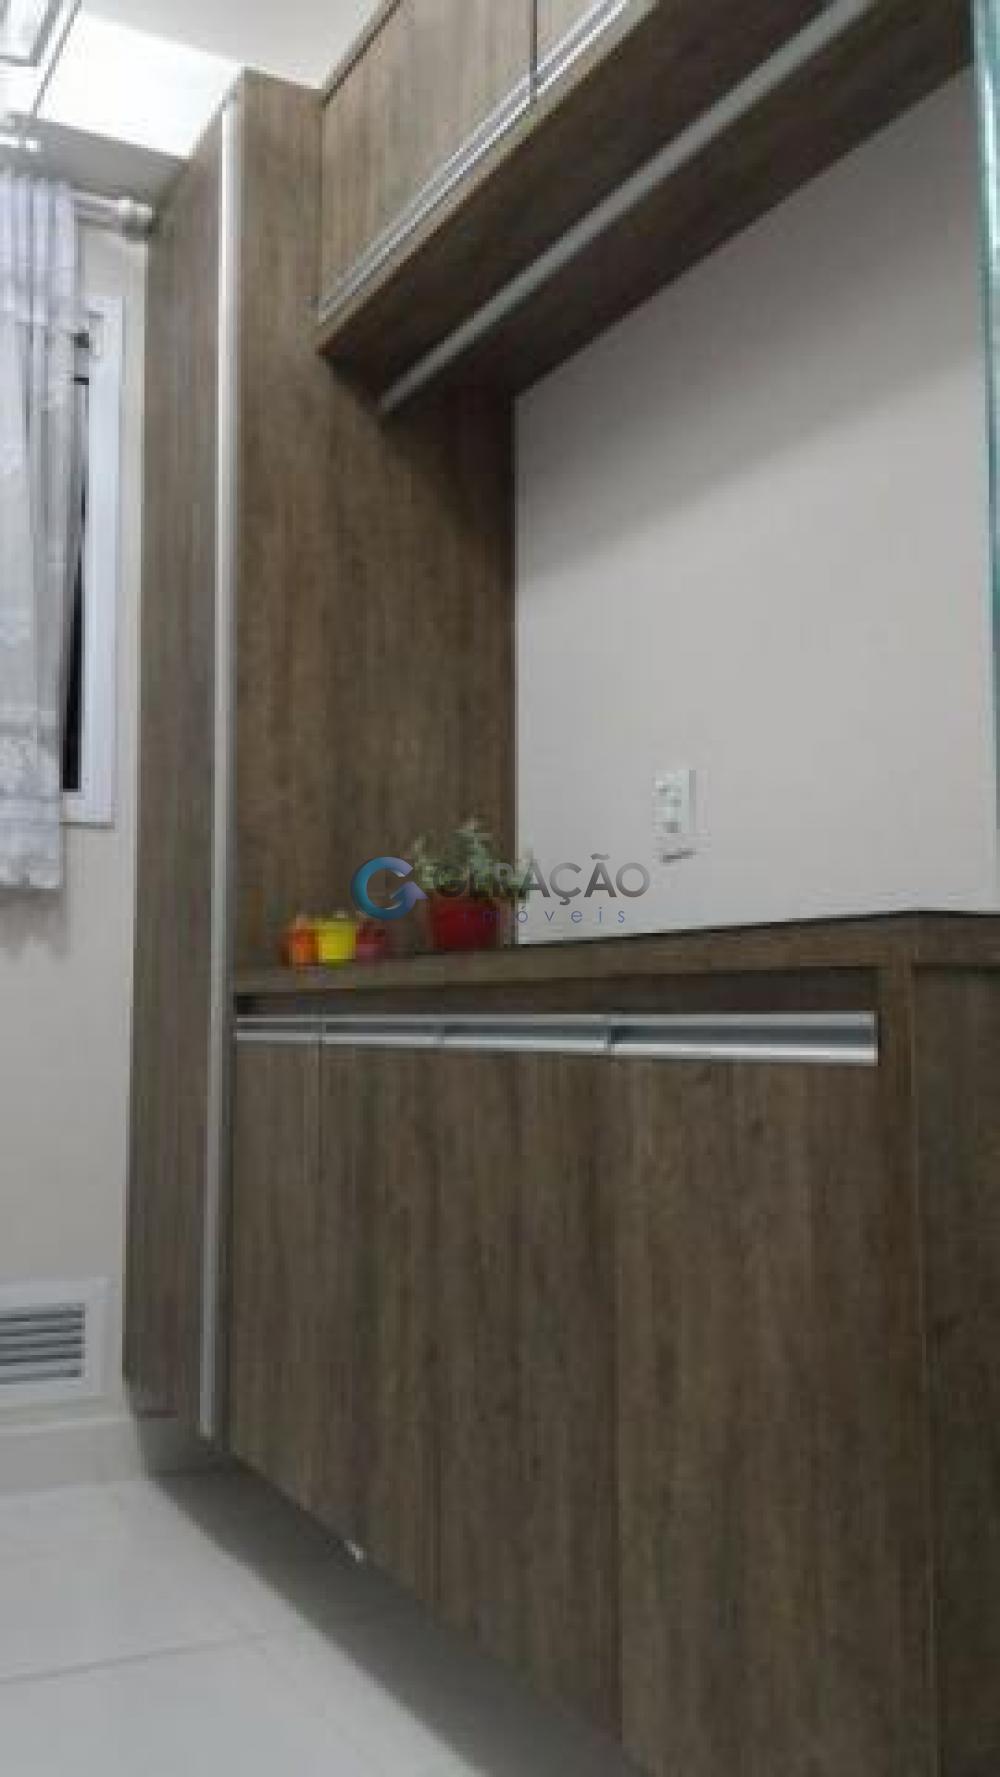 Comprar Apartamento / Padrão em São José dos Campos apenas R$ 510.000,00 - Foto 3